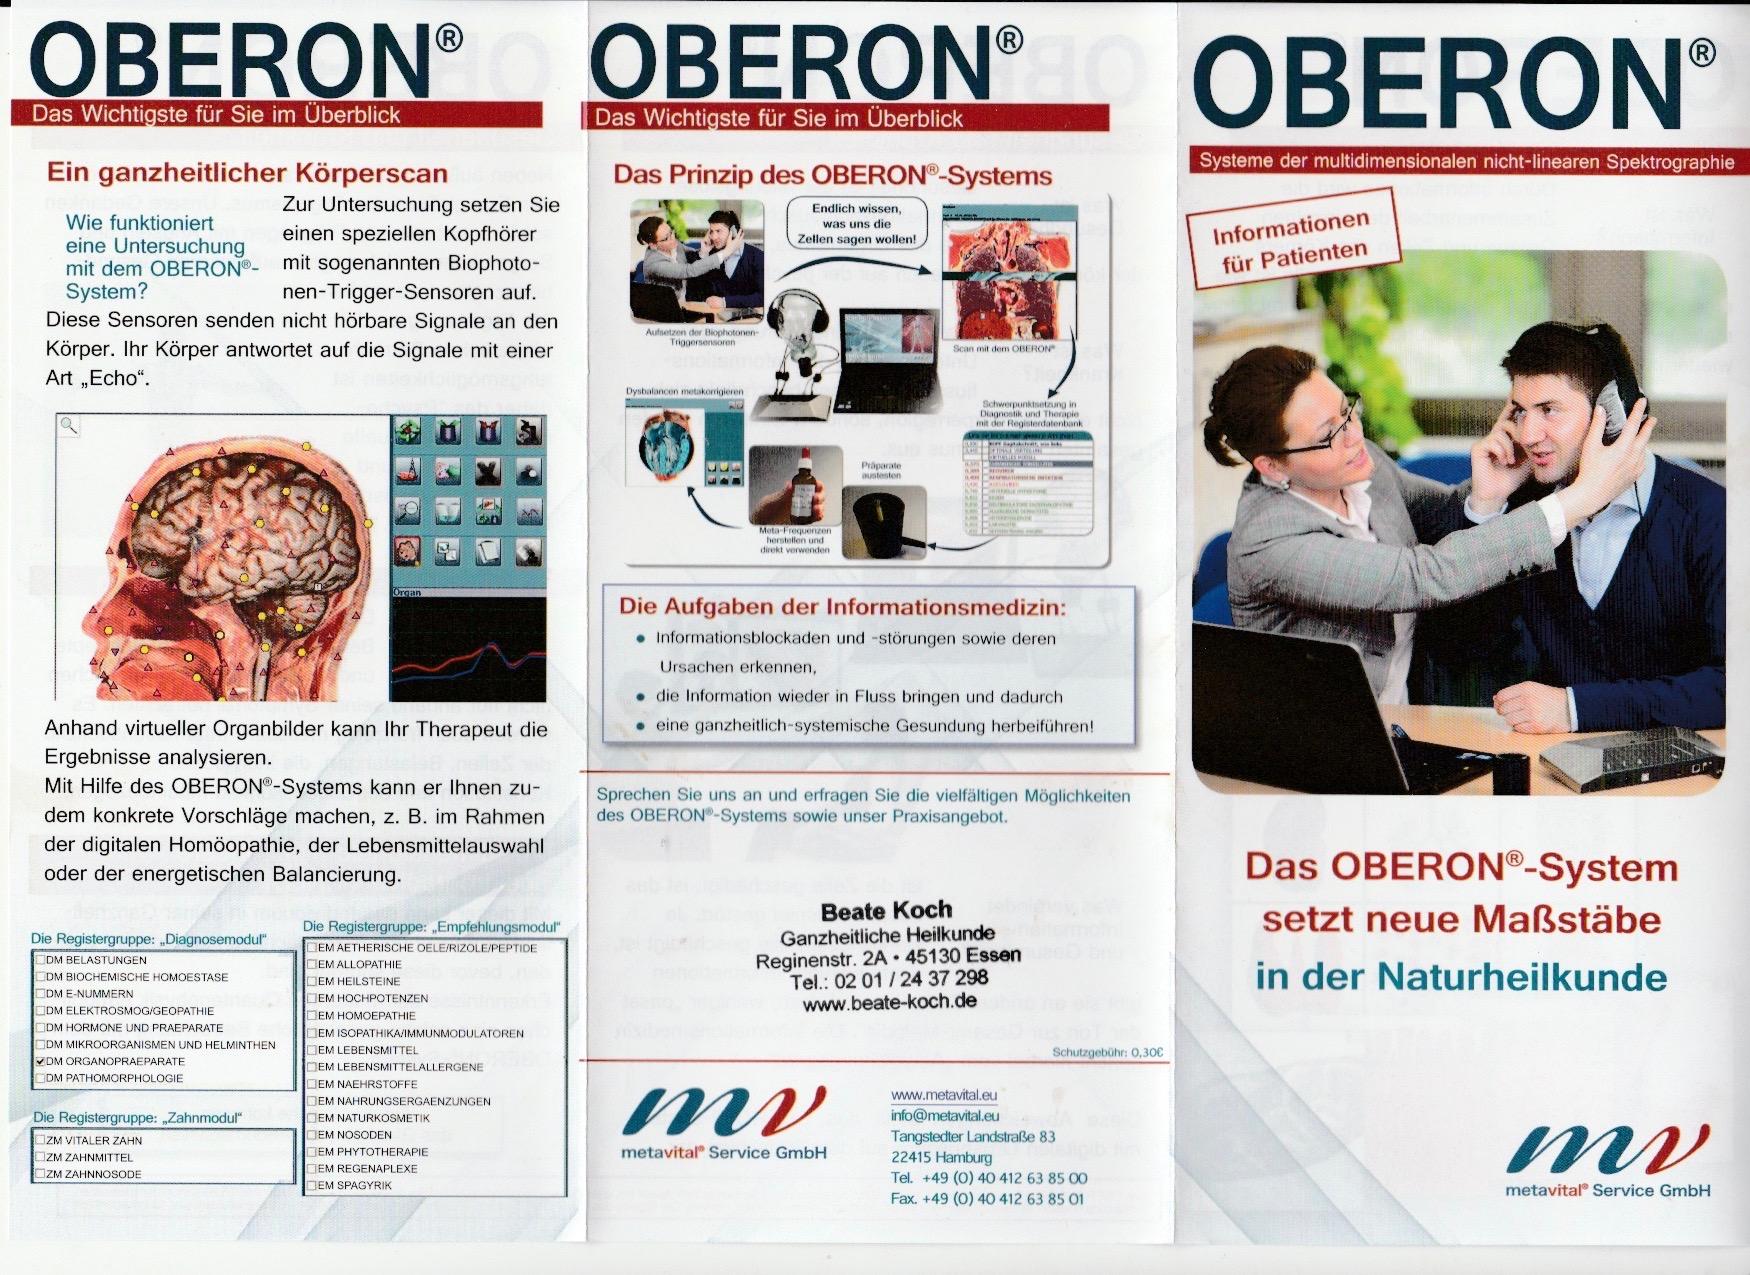 Oberon 1